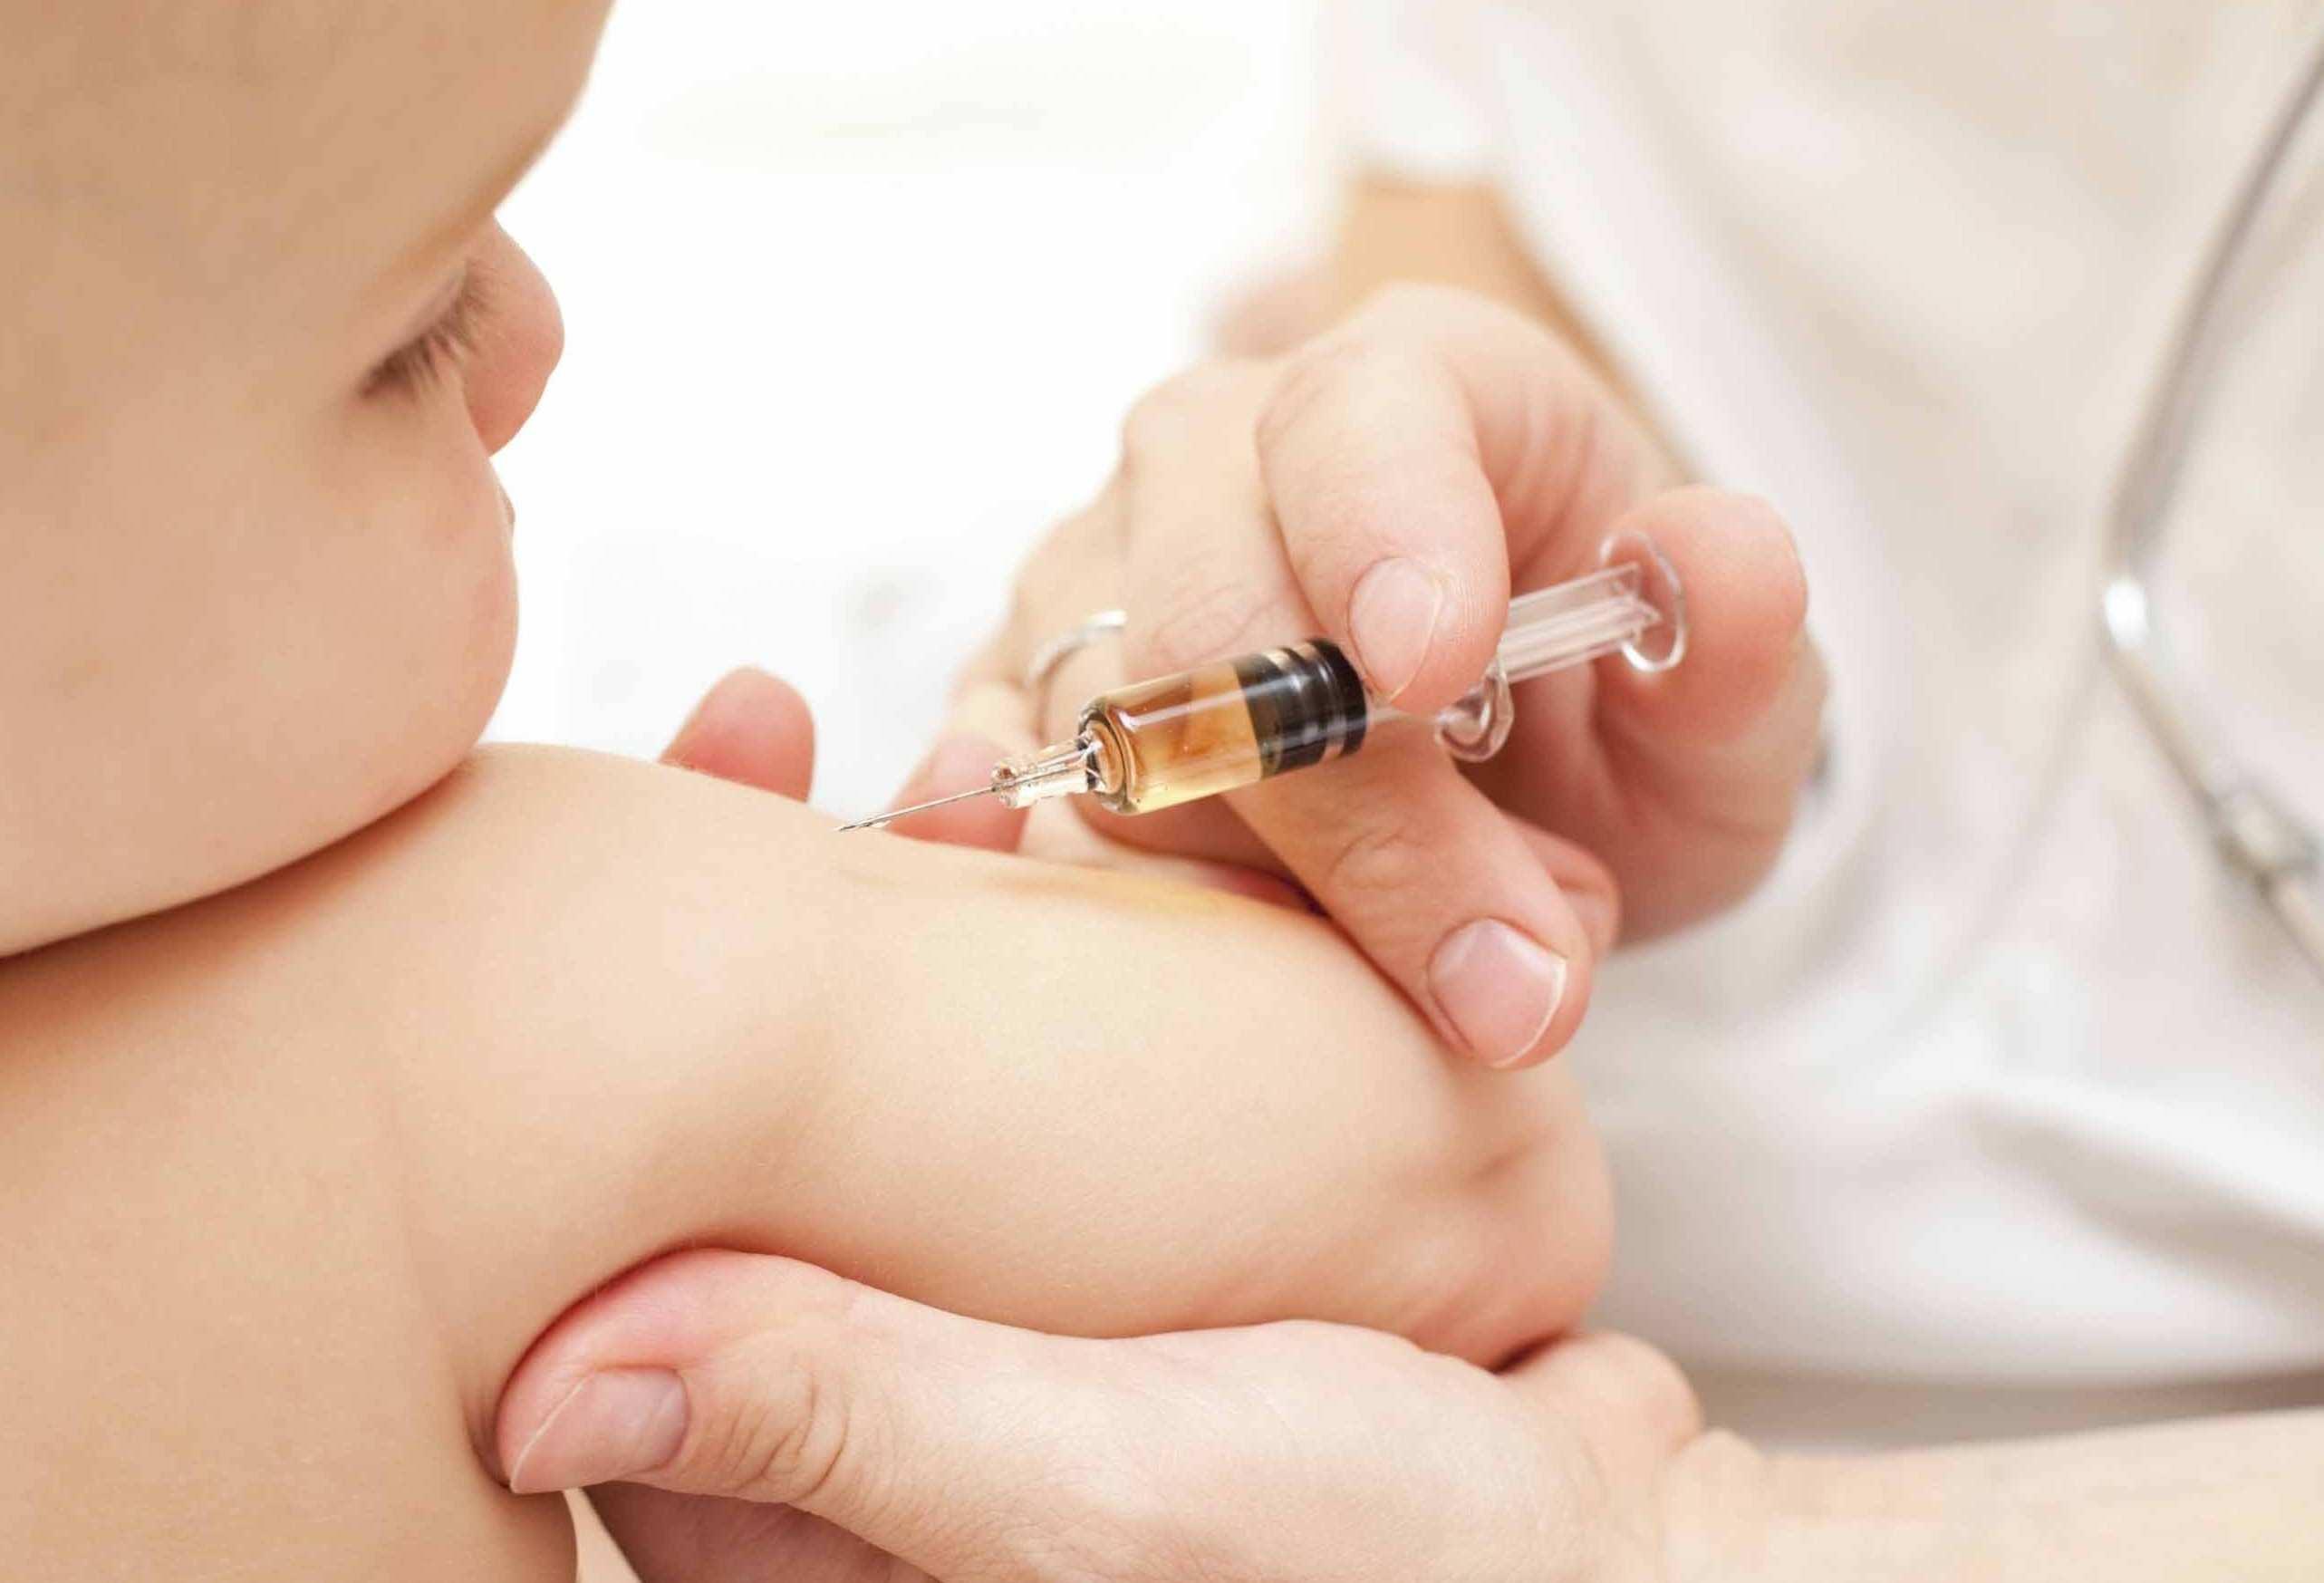 vaccinazione bambini e1352272855421 - Salute: causa vaccini 145.000 bambini morti in 20 anni ?